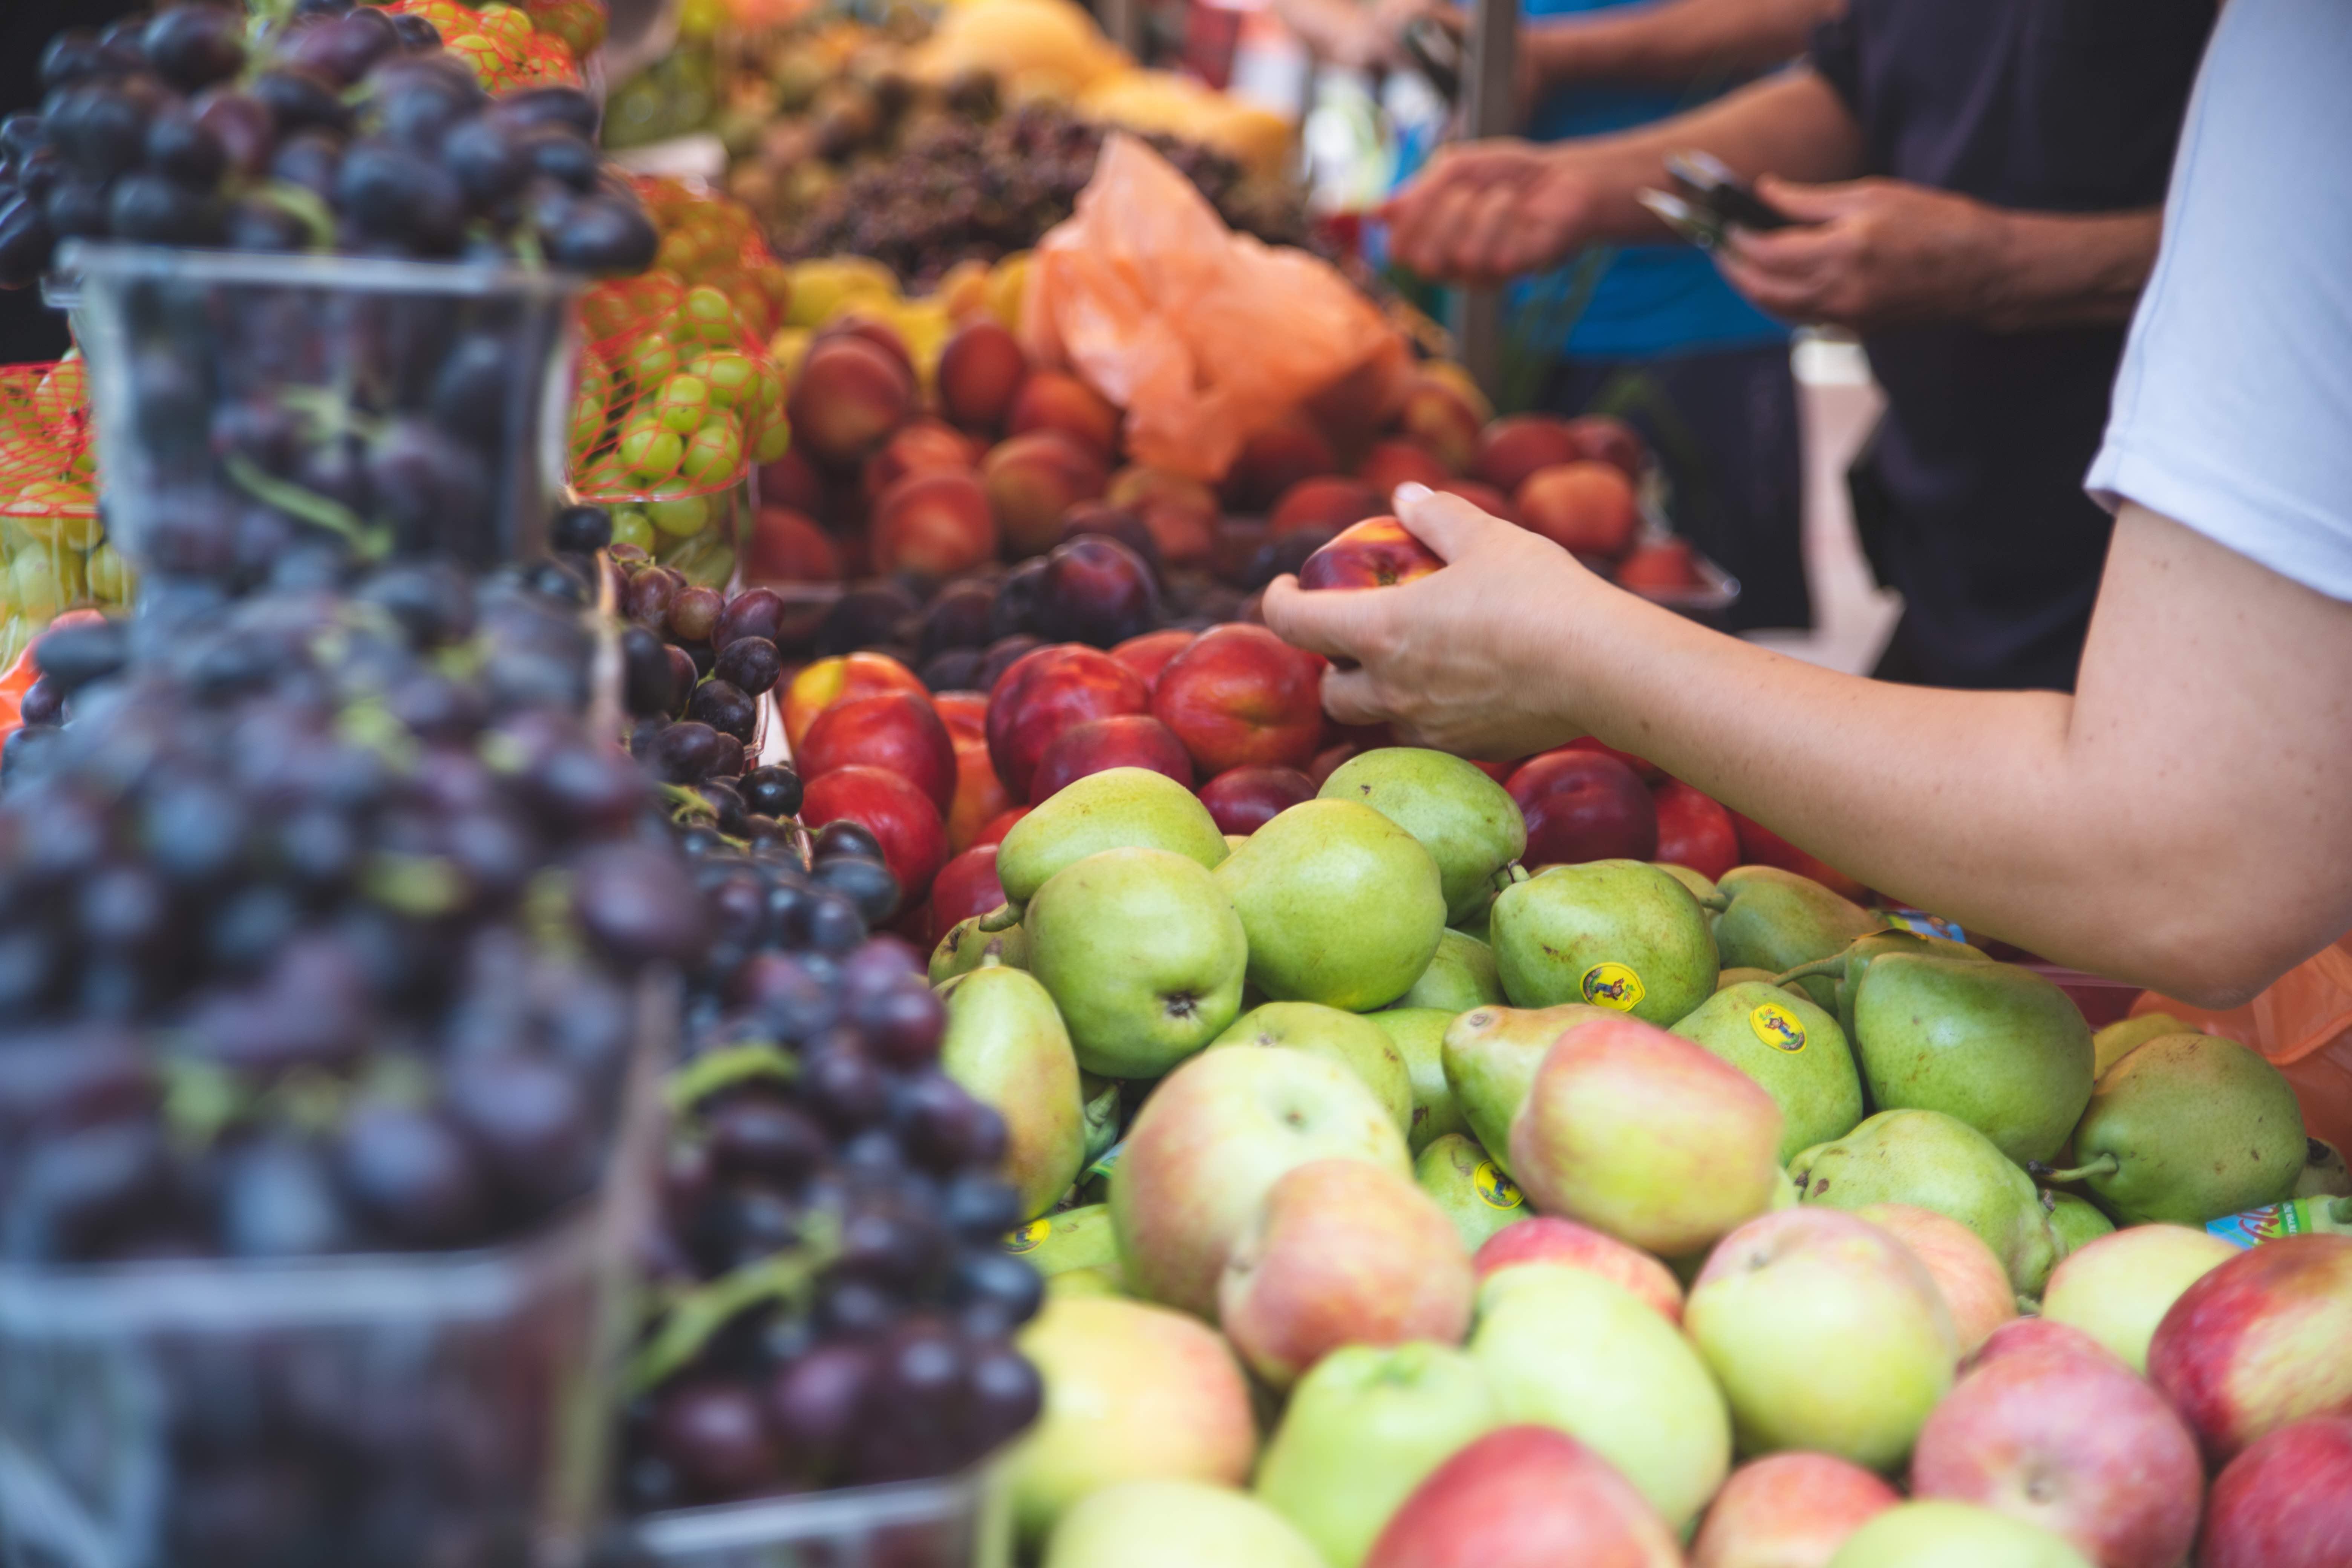 שוק האיכרים בגבעתיים בכל יום שישי, צילום: באדיבות שוק האיכרים